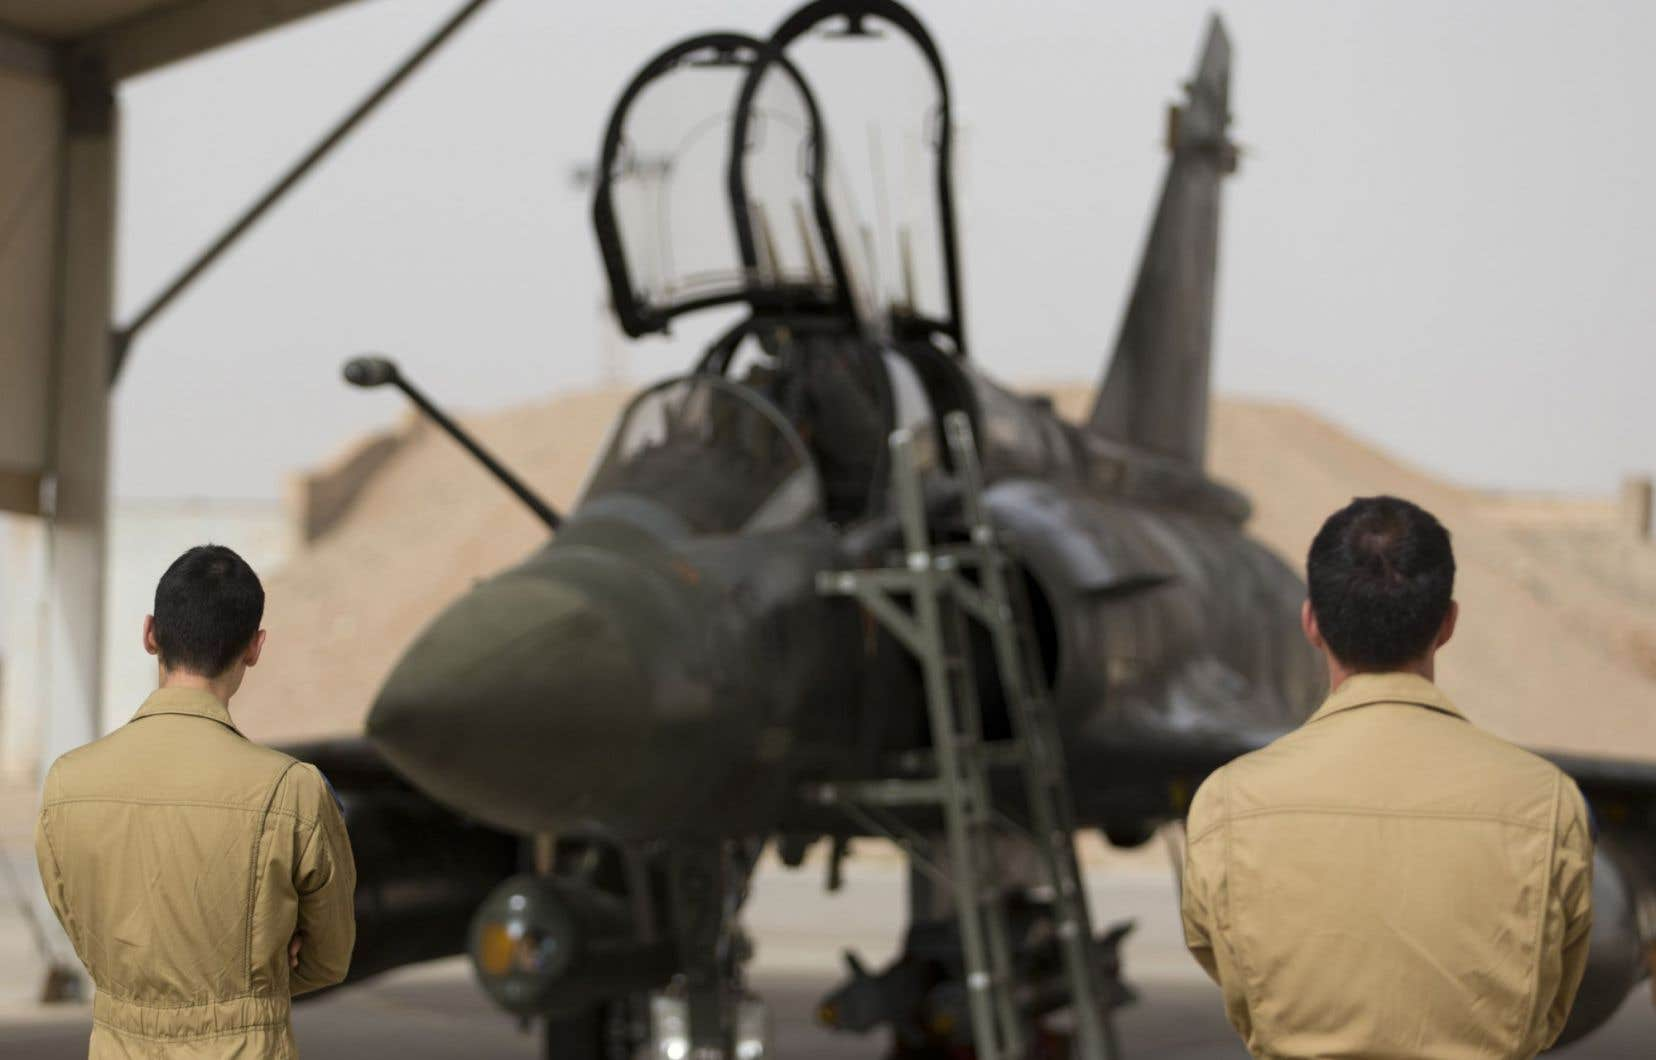 Des techniciens de l'armée française devant un avion de combat, le 12 octobre dernier